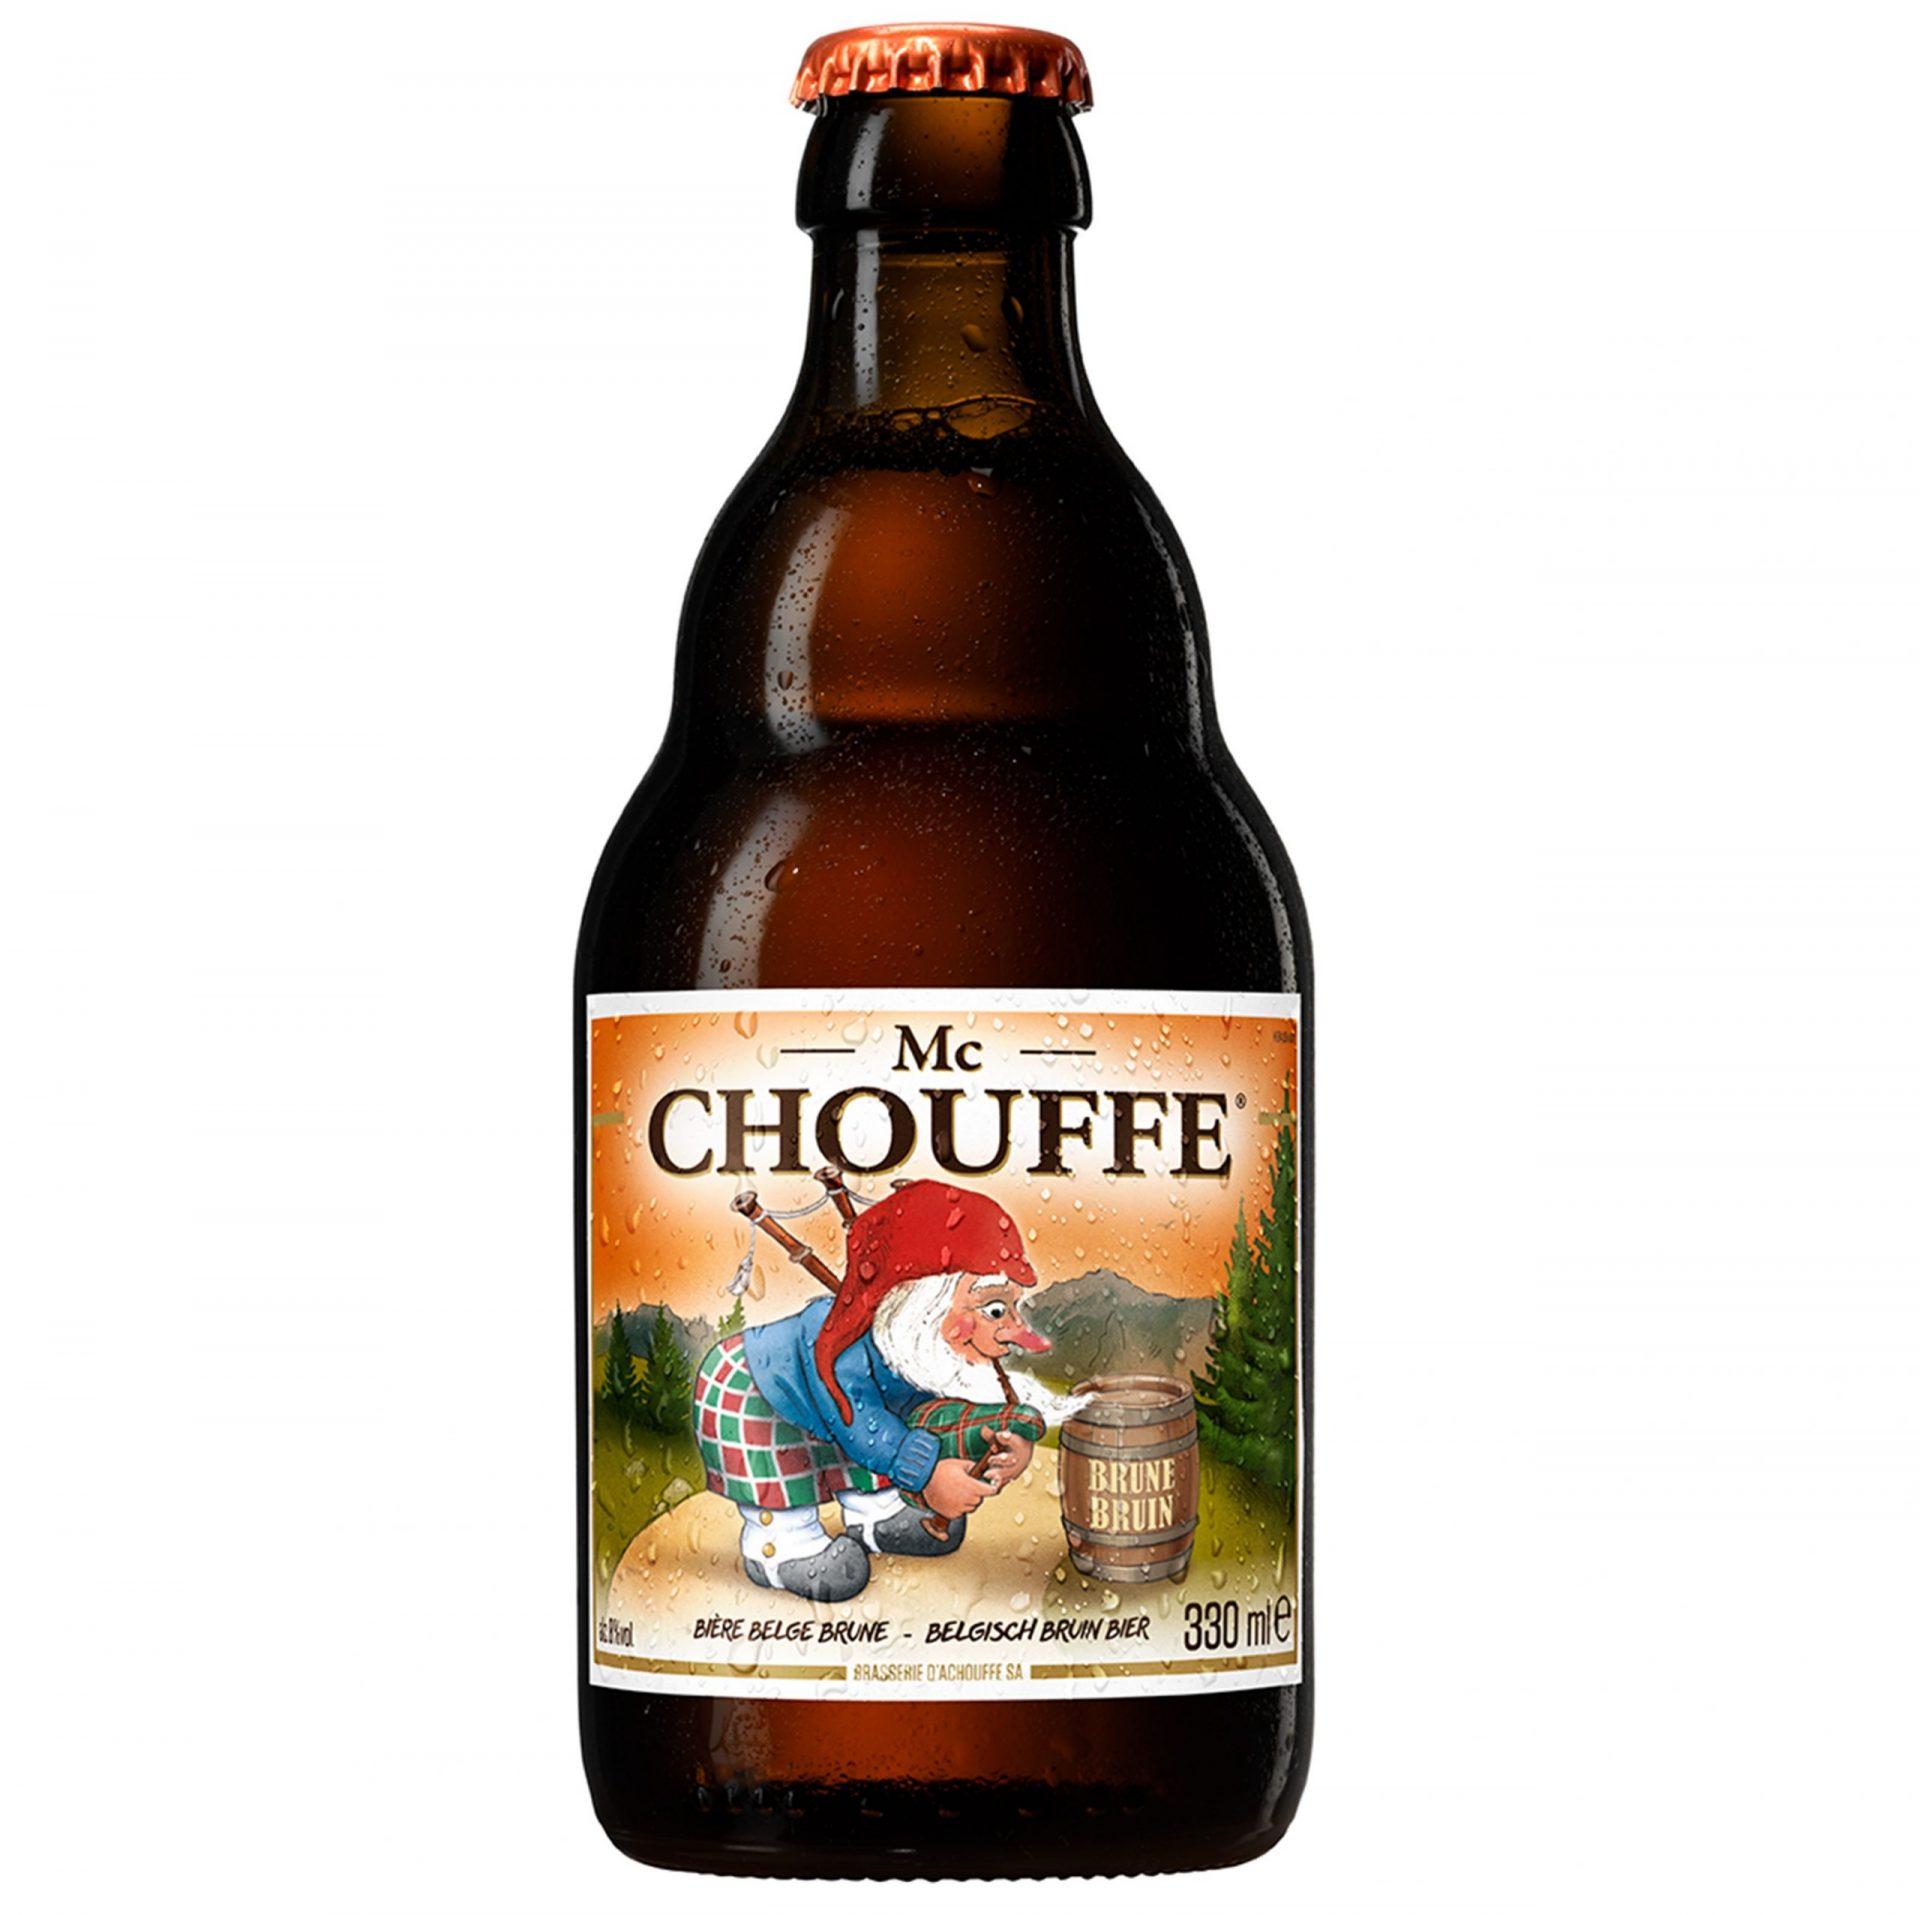 Brasserie d'Achouffe - Mc Chouffe 33cl